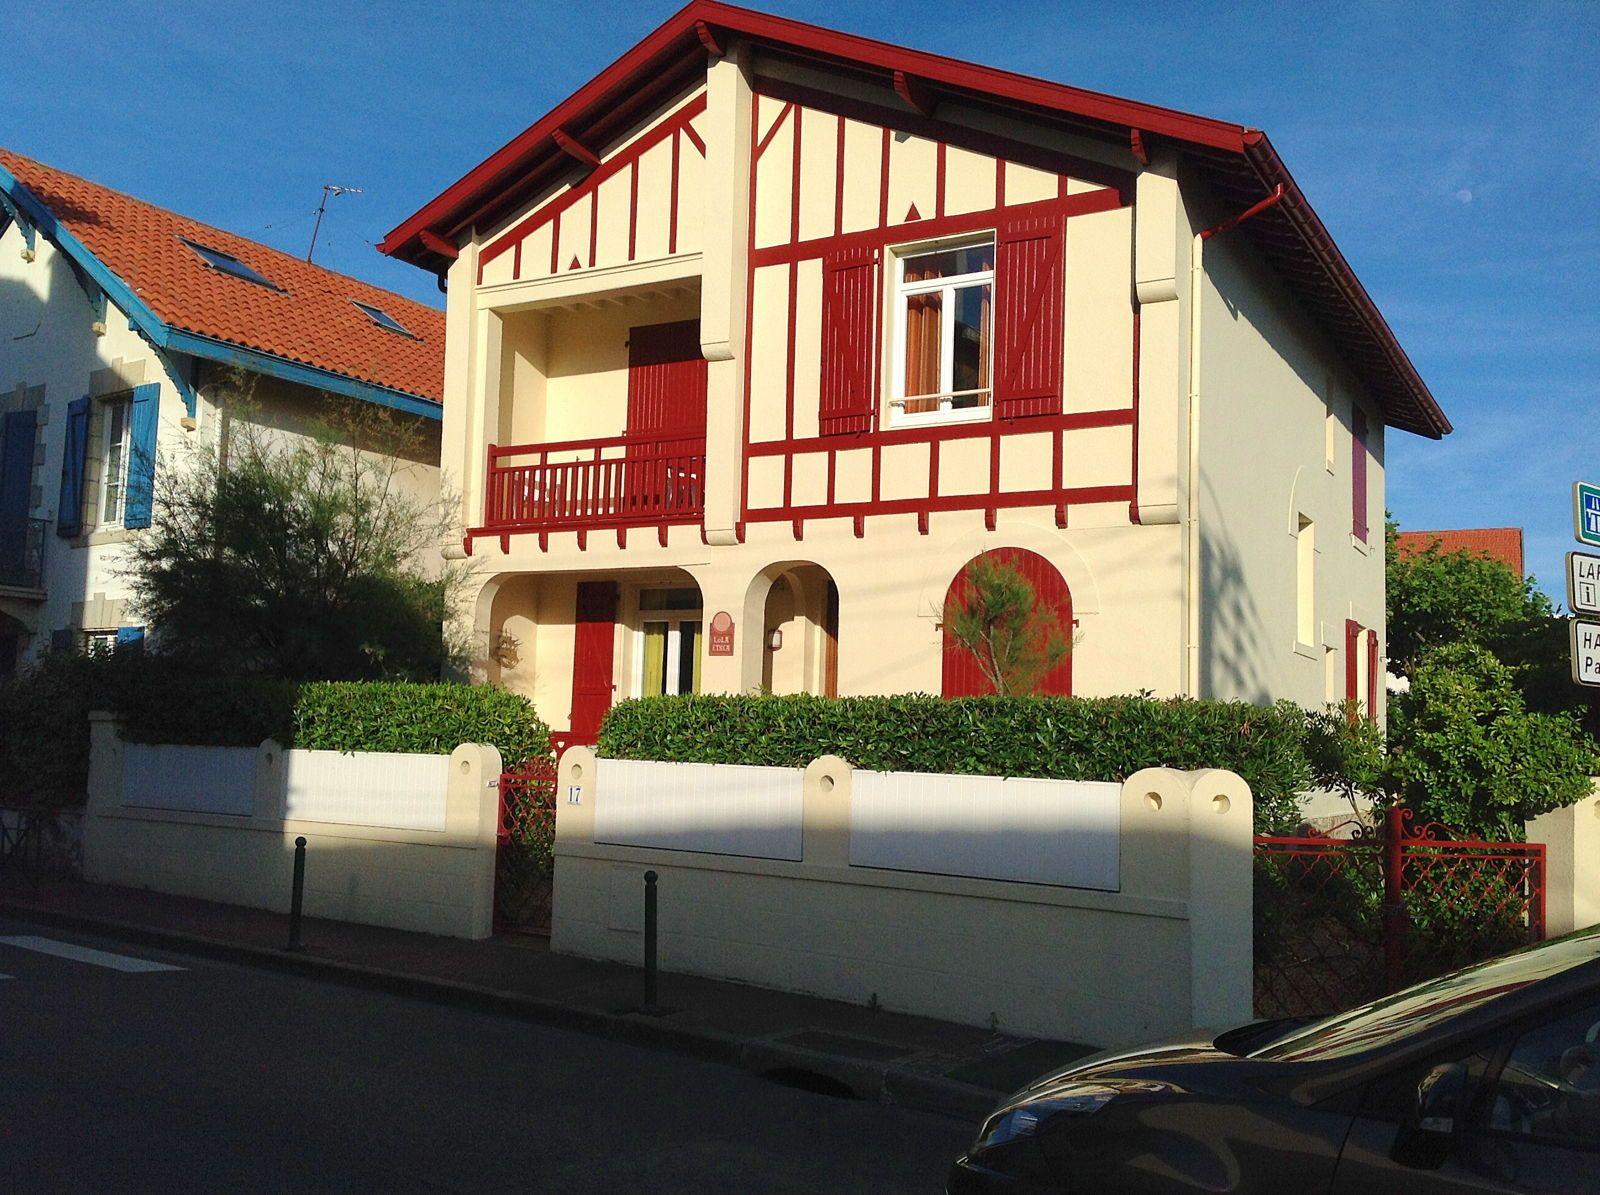 Loue Villa, 4couchages à Biarritz Côte des basques (64)